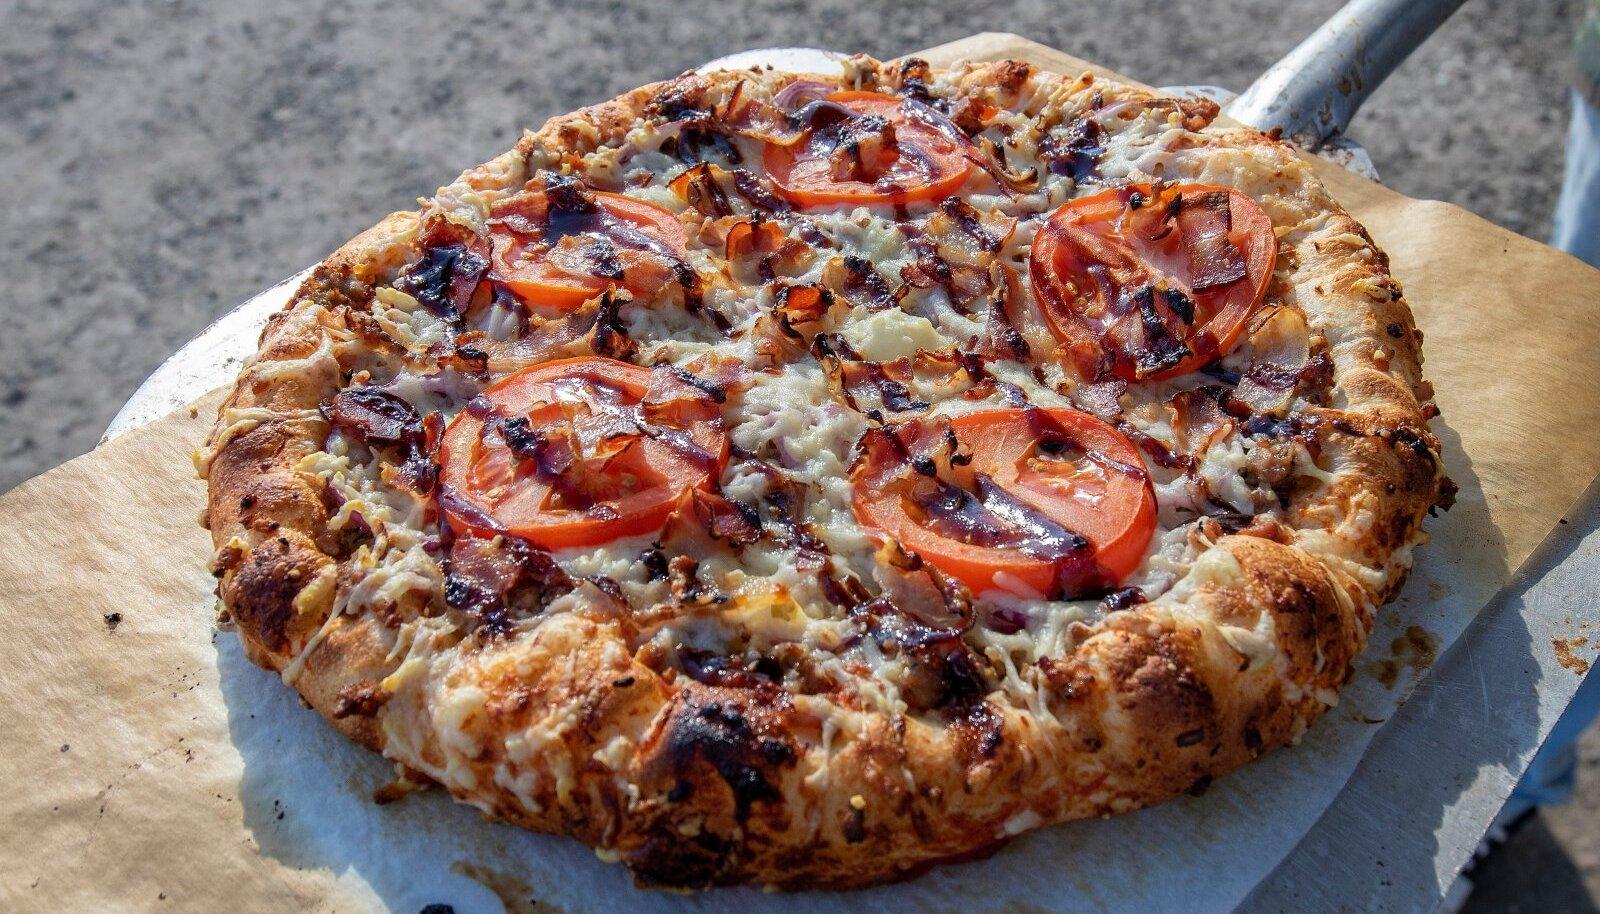 Burgeripealinn Assamalla, Lääne-Virumaa, Burgeripealinn Assamalla, Lääne-Virumaa, Assmalla Grill, Assa Pitsa, pitsa